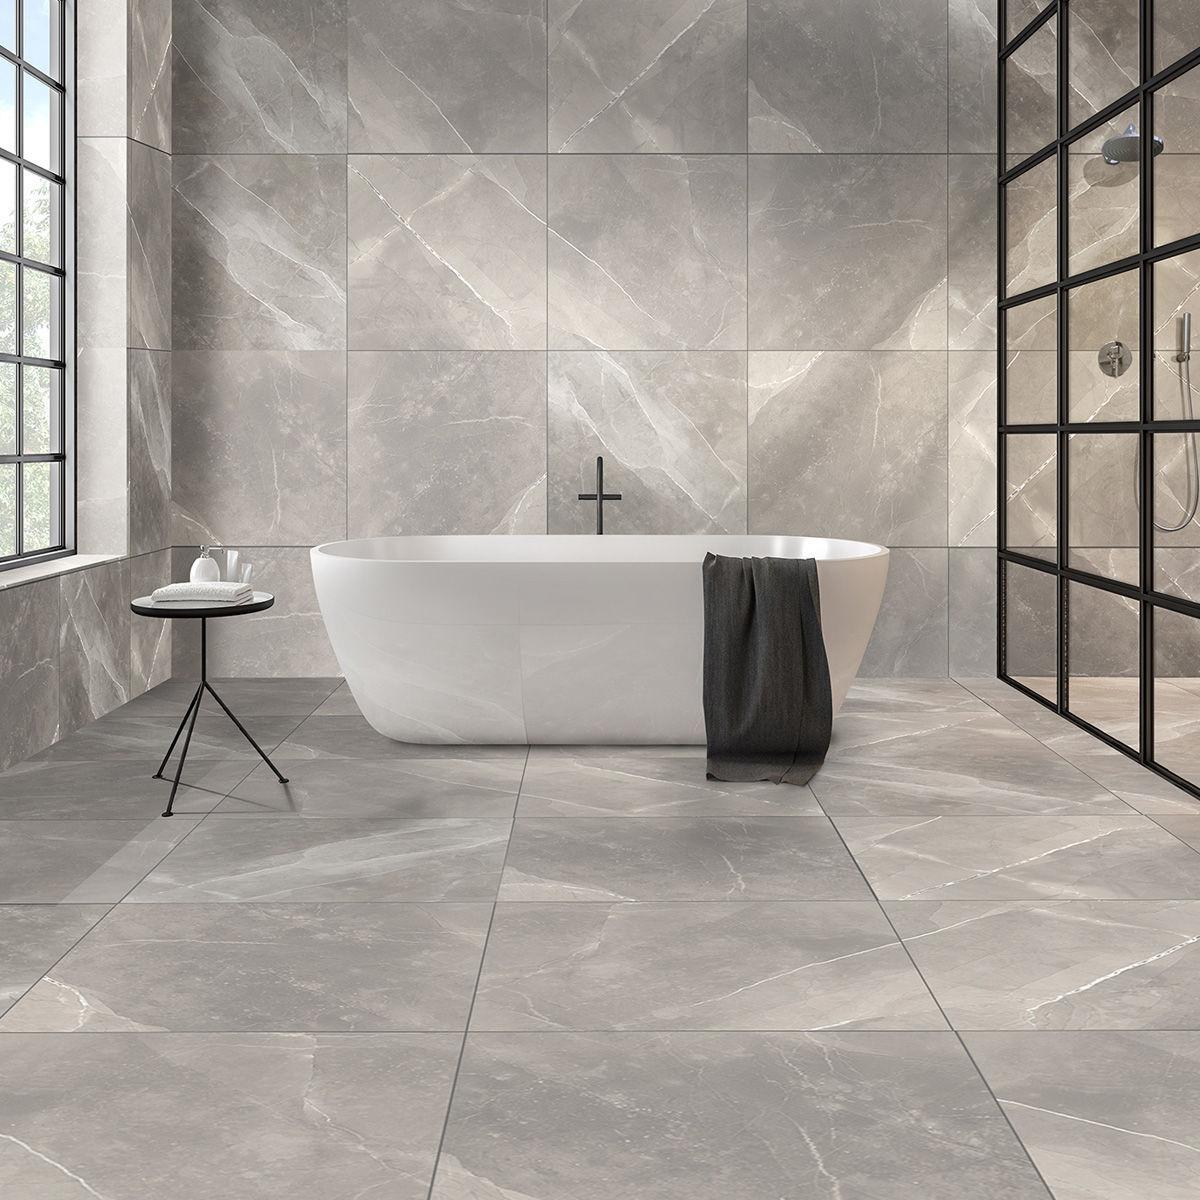 armani light grey polished porcelain tiles